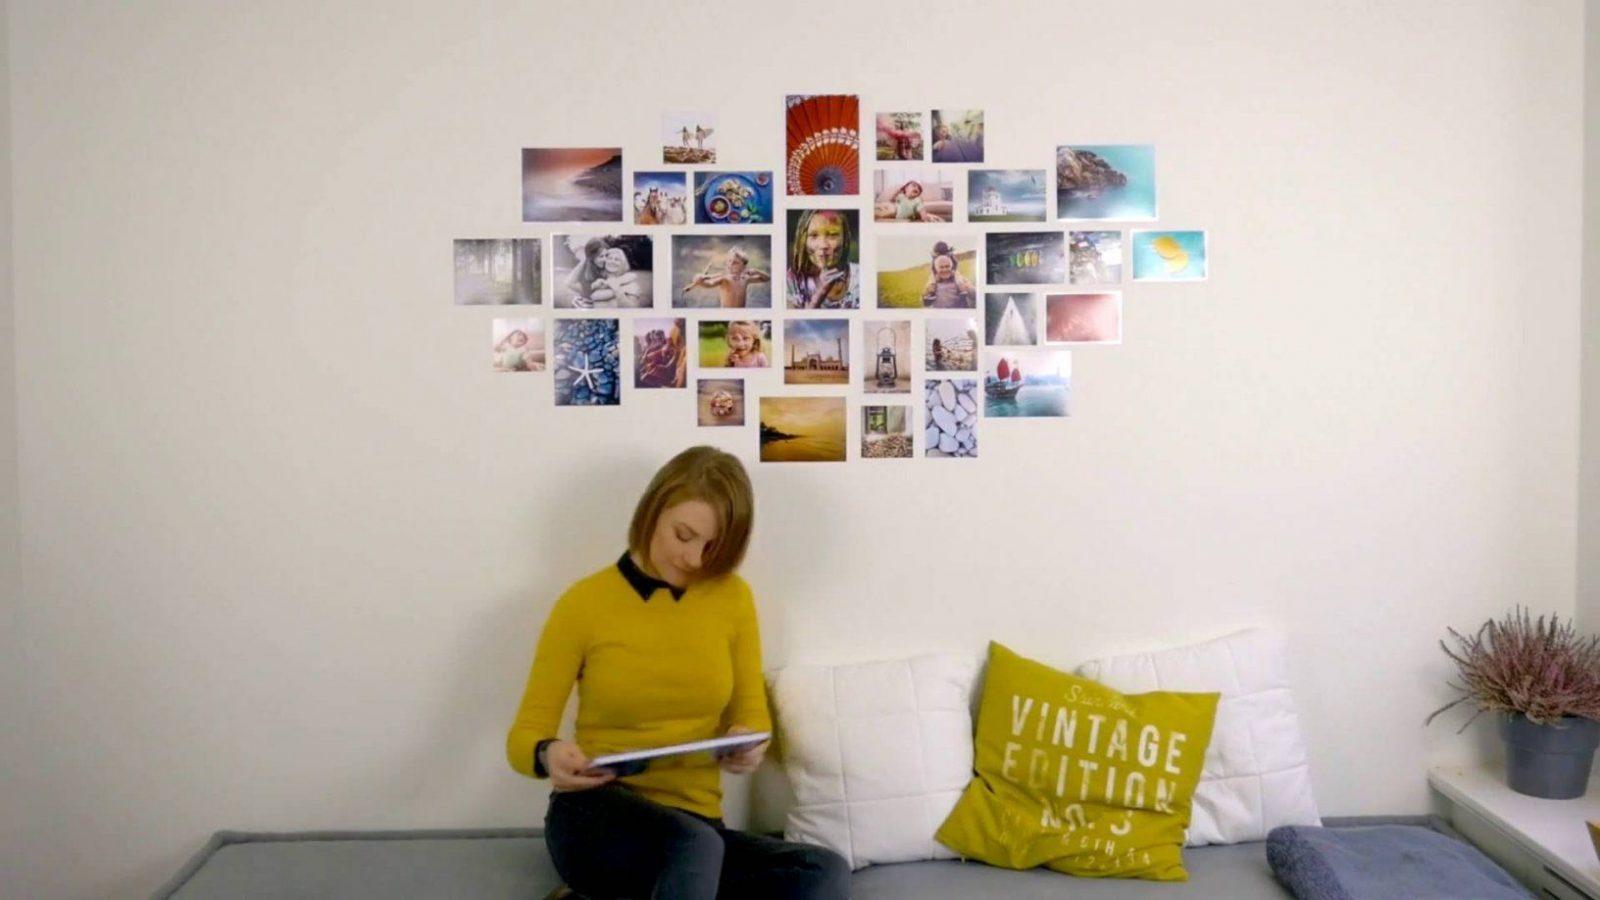 Fotocollage Für Die Wand Selber Machen  Youtube von Fotocollage Auf Leinwand Selber Machen Photo